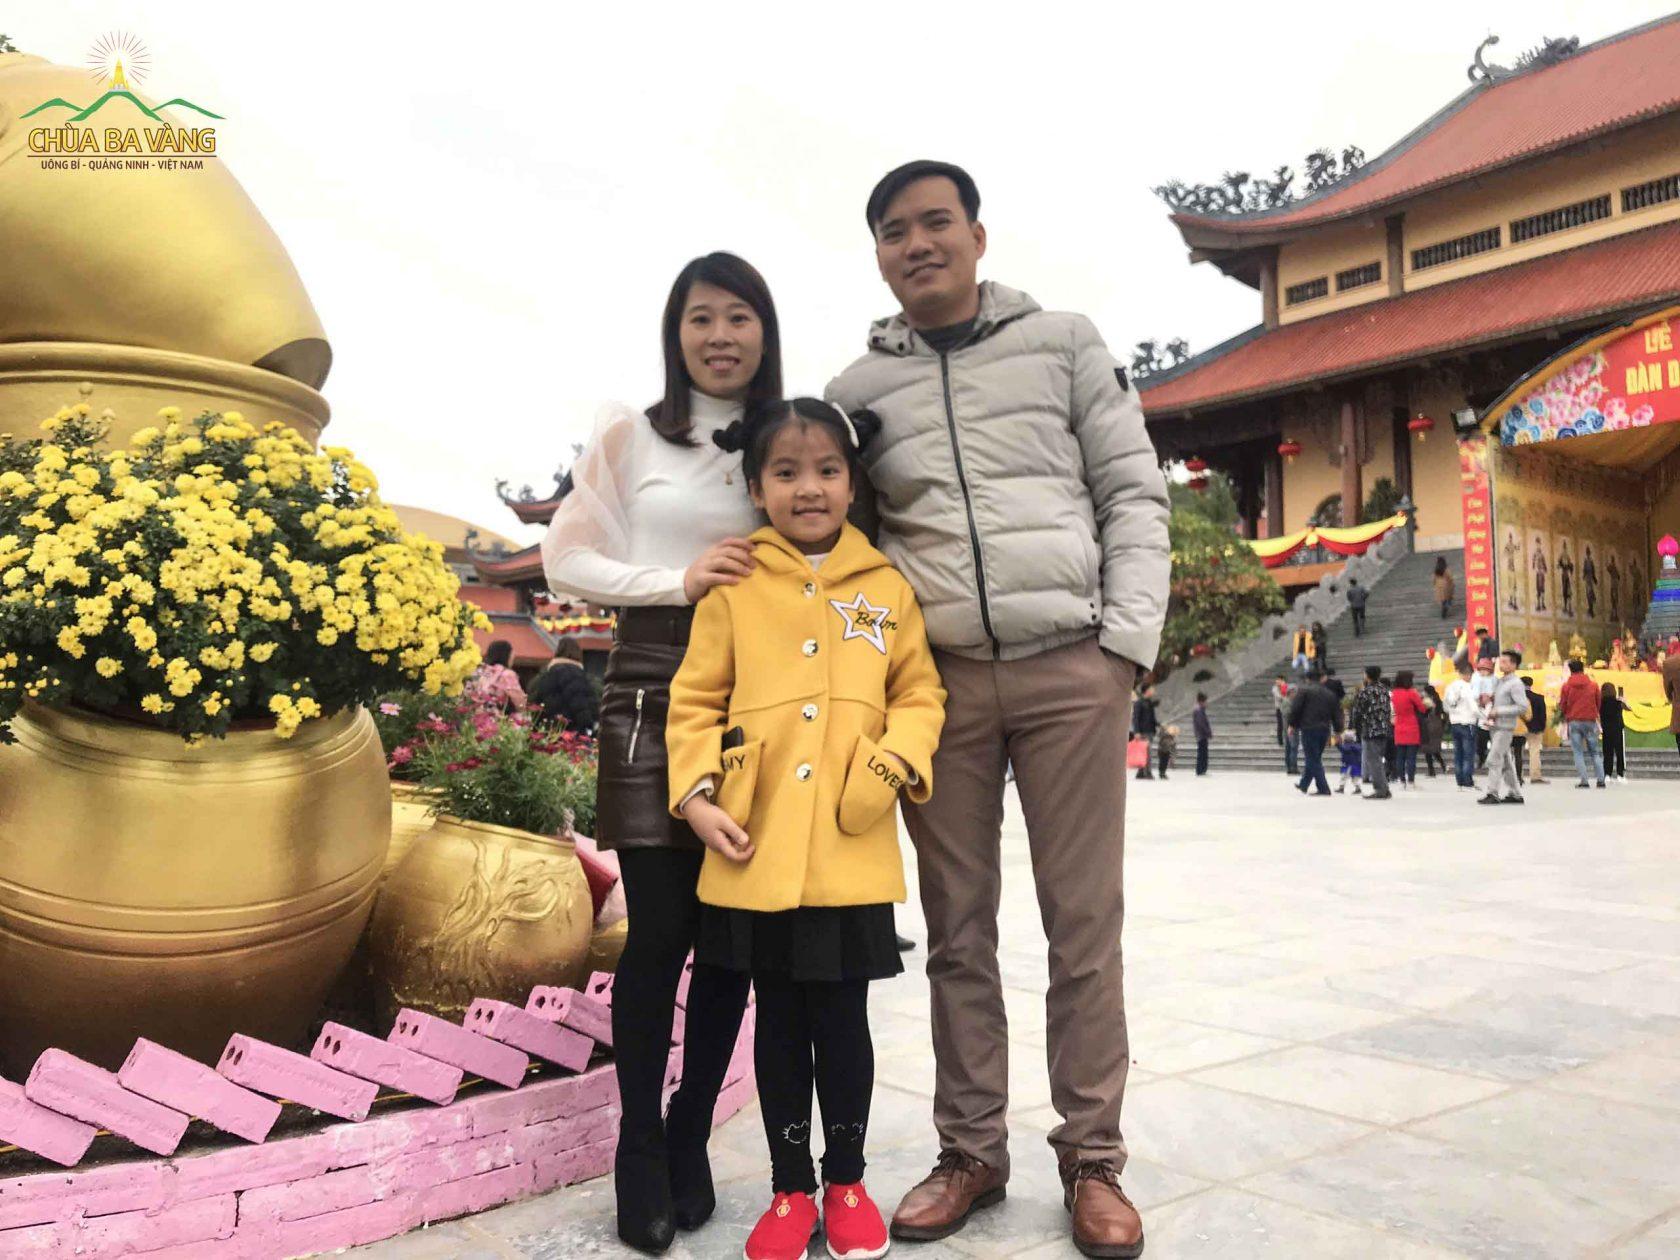 Anh Nguyễn Phúc Diện chụp hình lưu niệm cùng gia đình tại chùa Ba Vàng